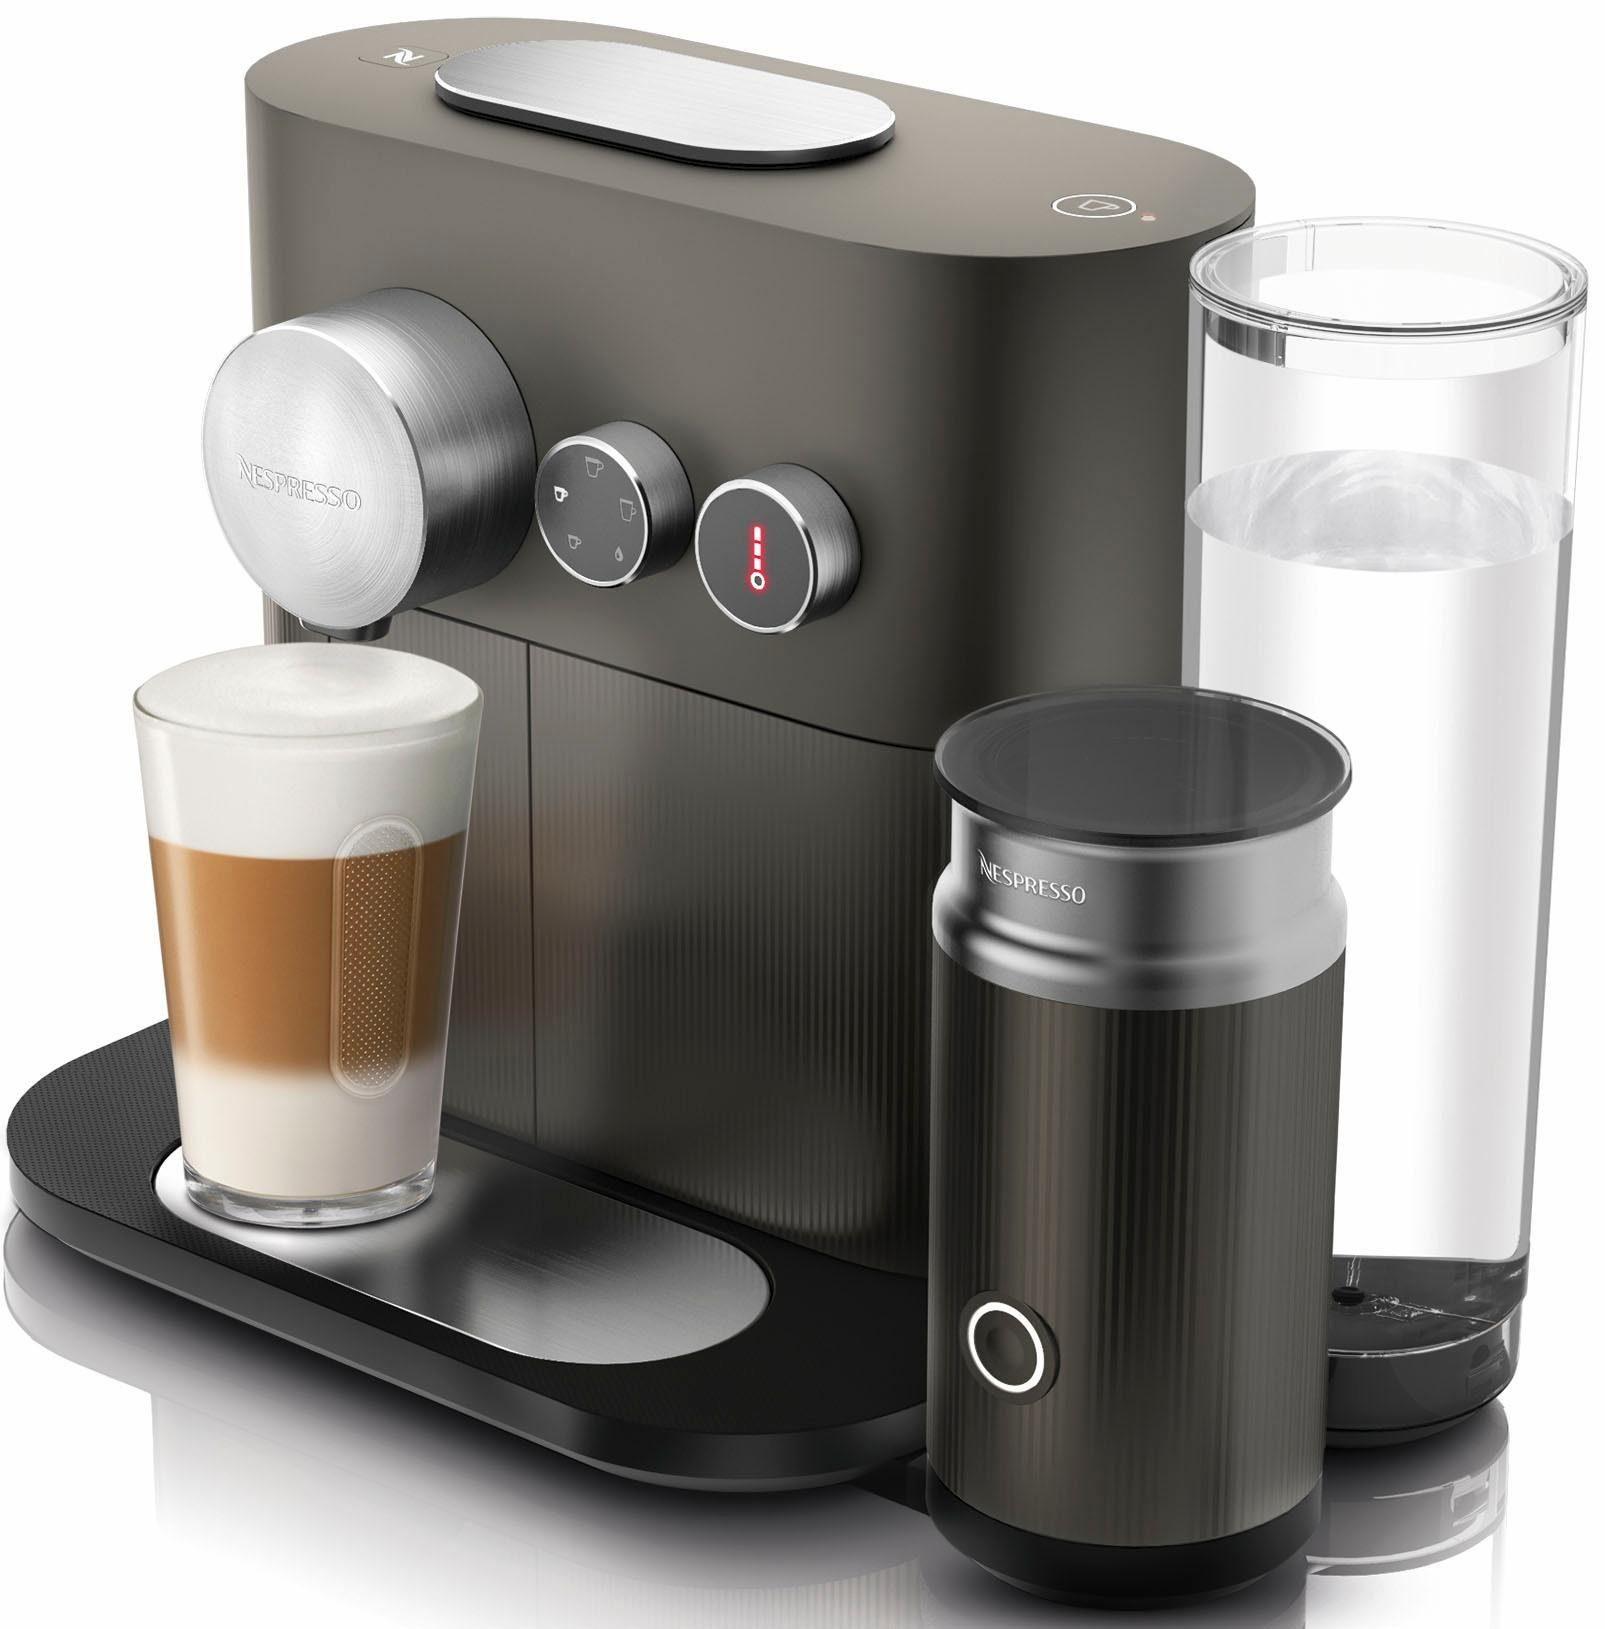 Nespresso Kapselmaschine NESPRESSO Expert&Milk EN355.GAE, mit Aeroccino Milchaufschäumer